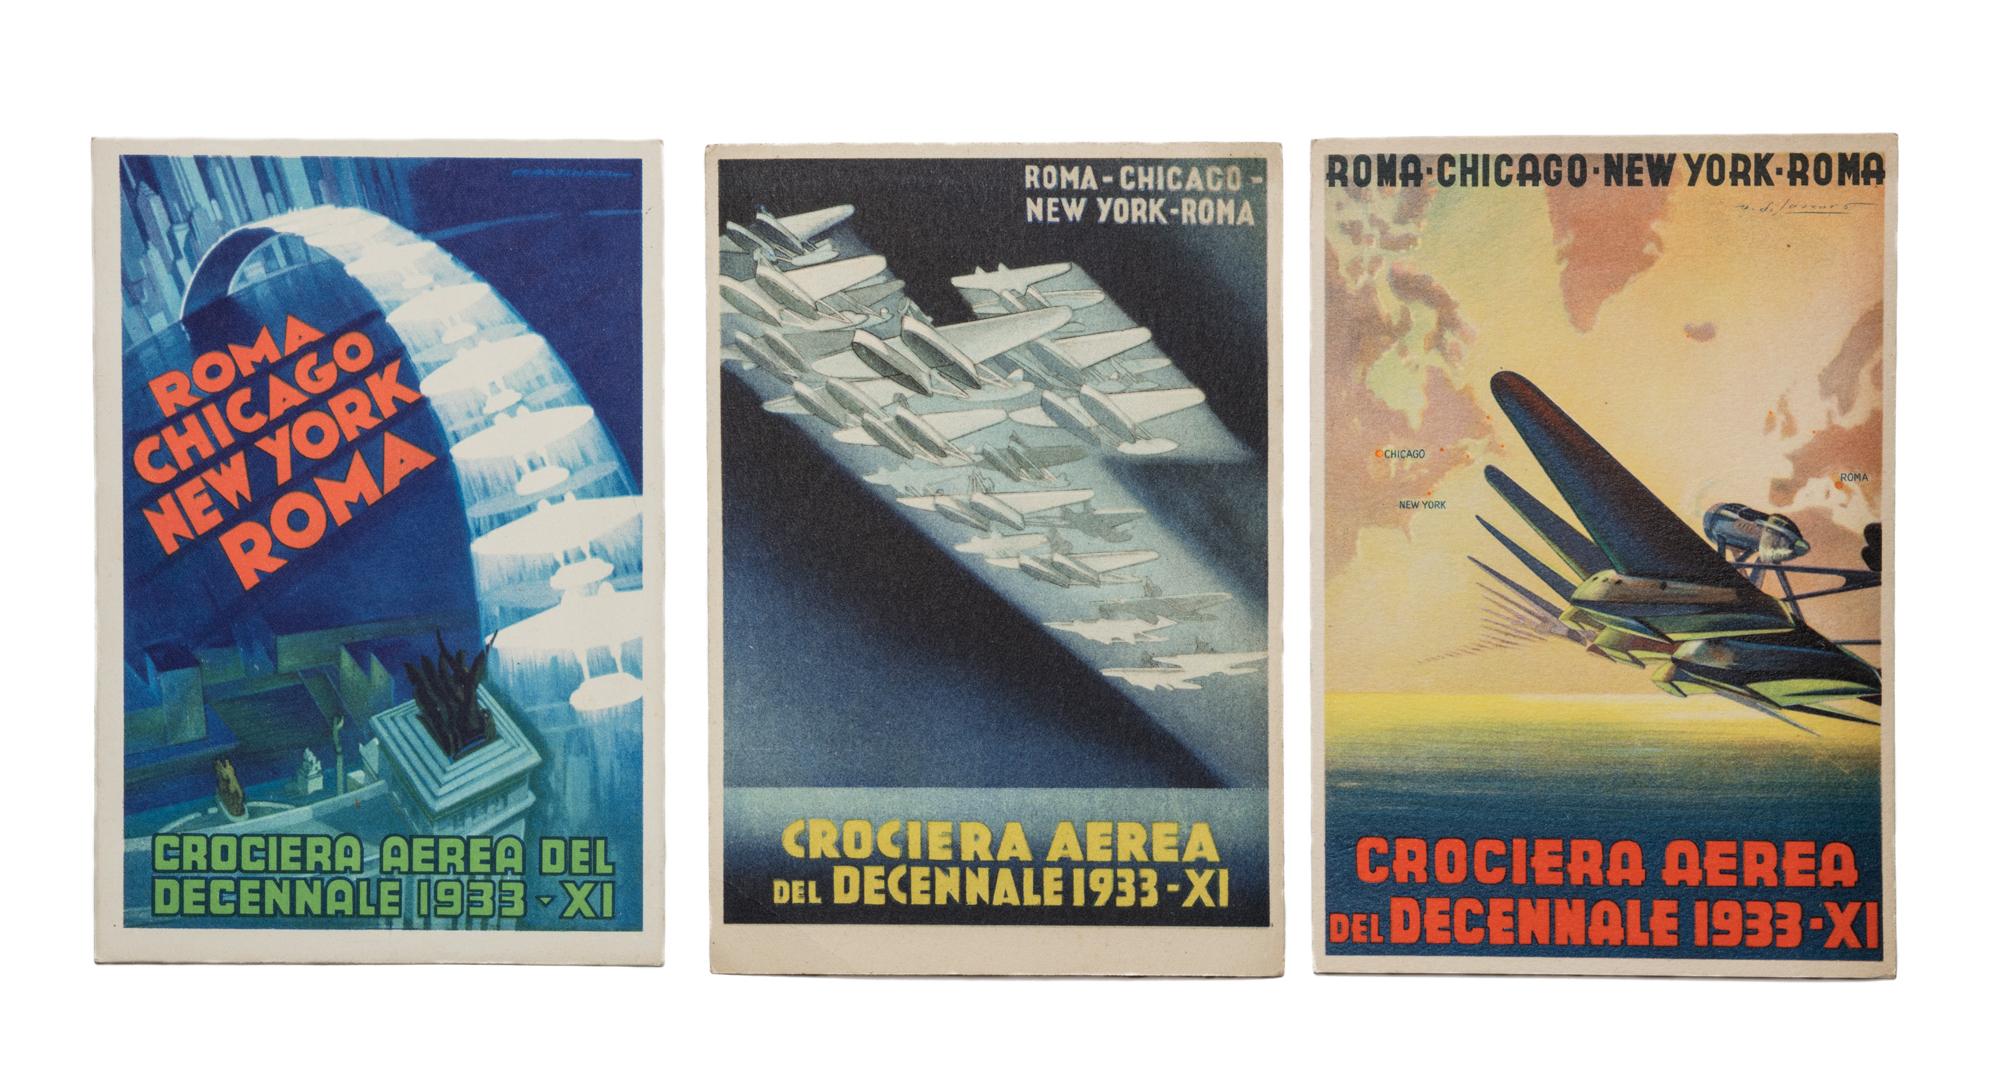 Crociera Aerea del Decennale 1933